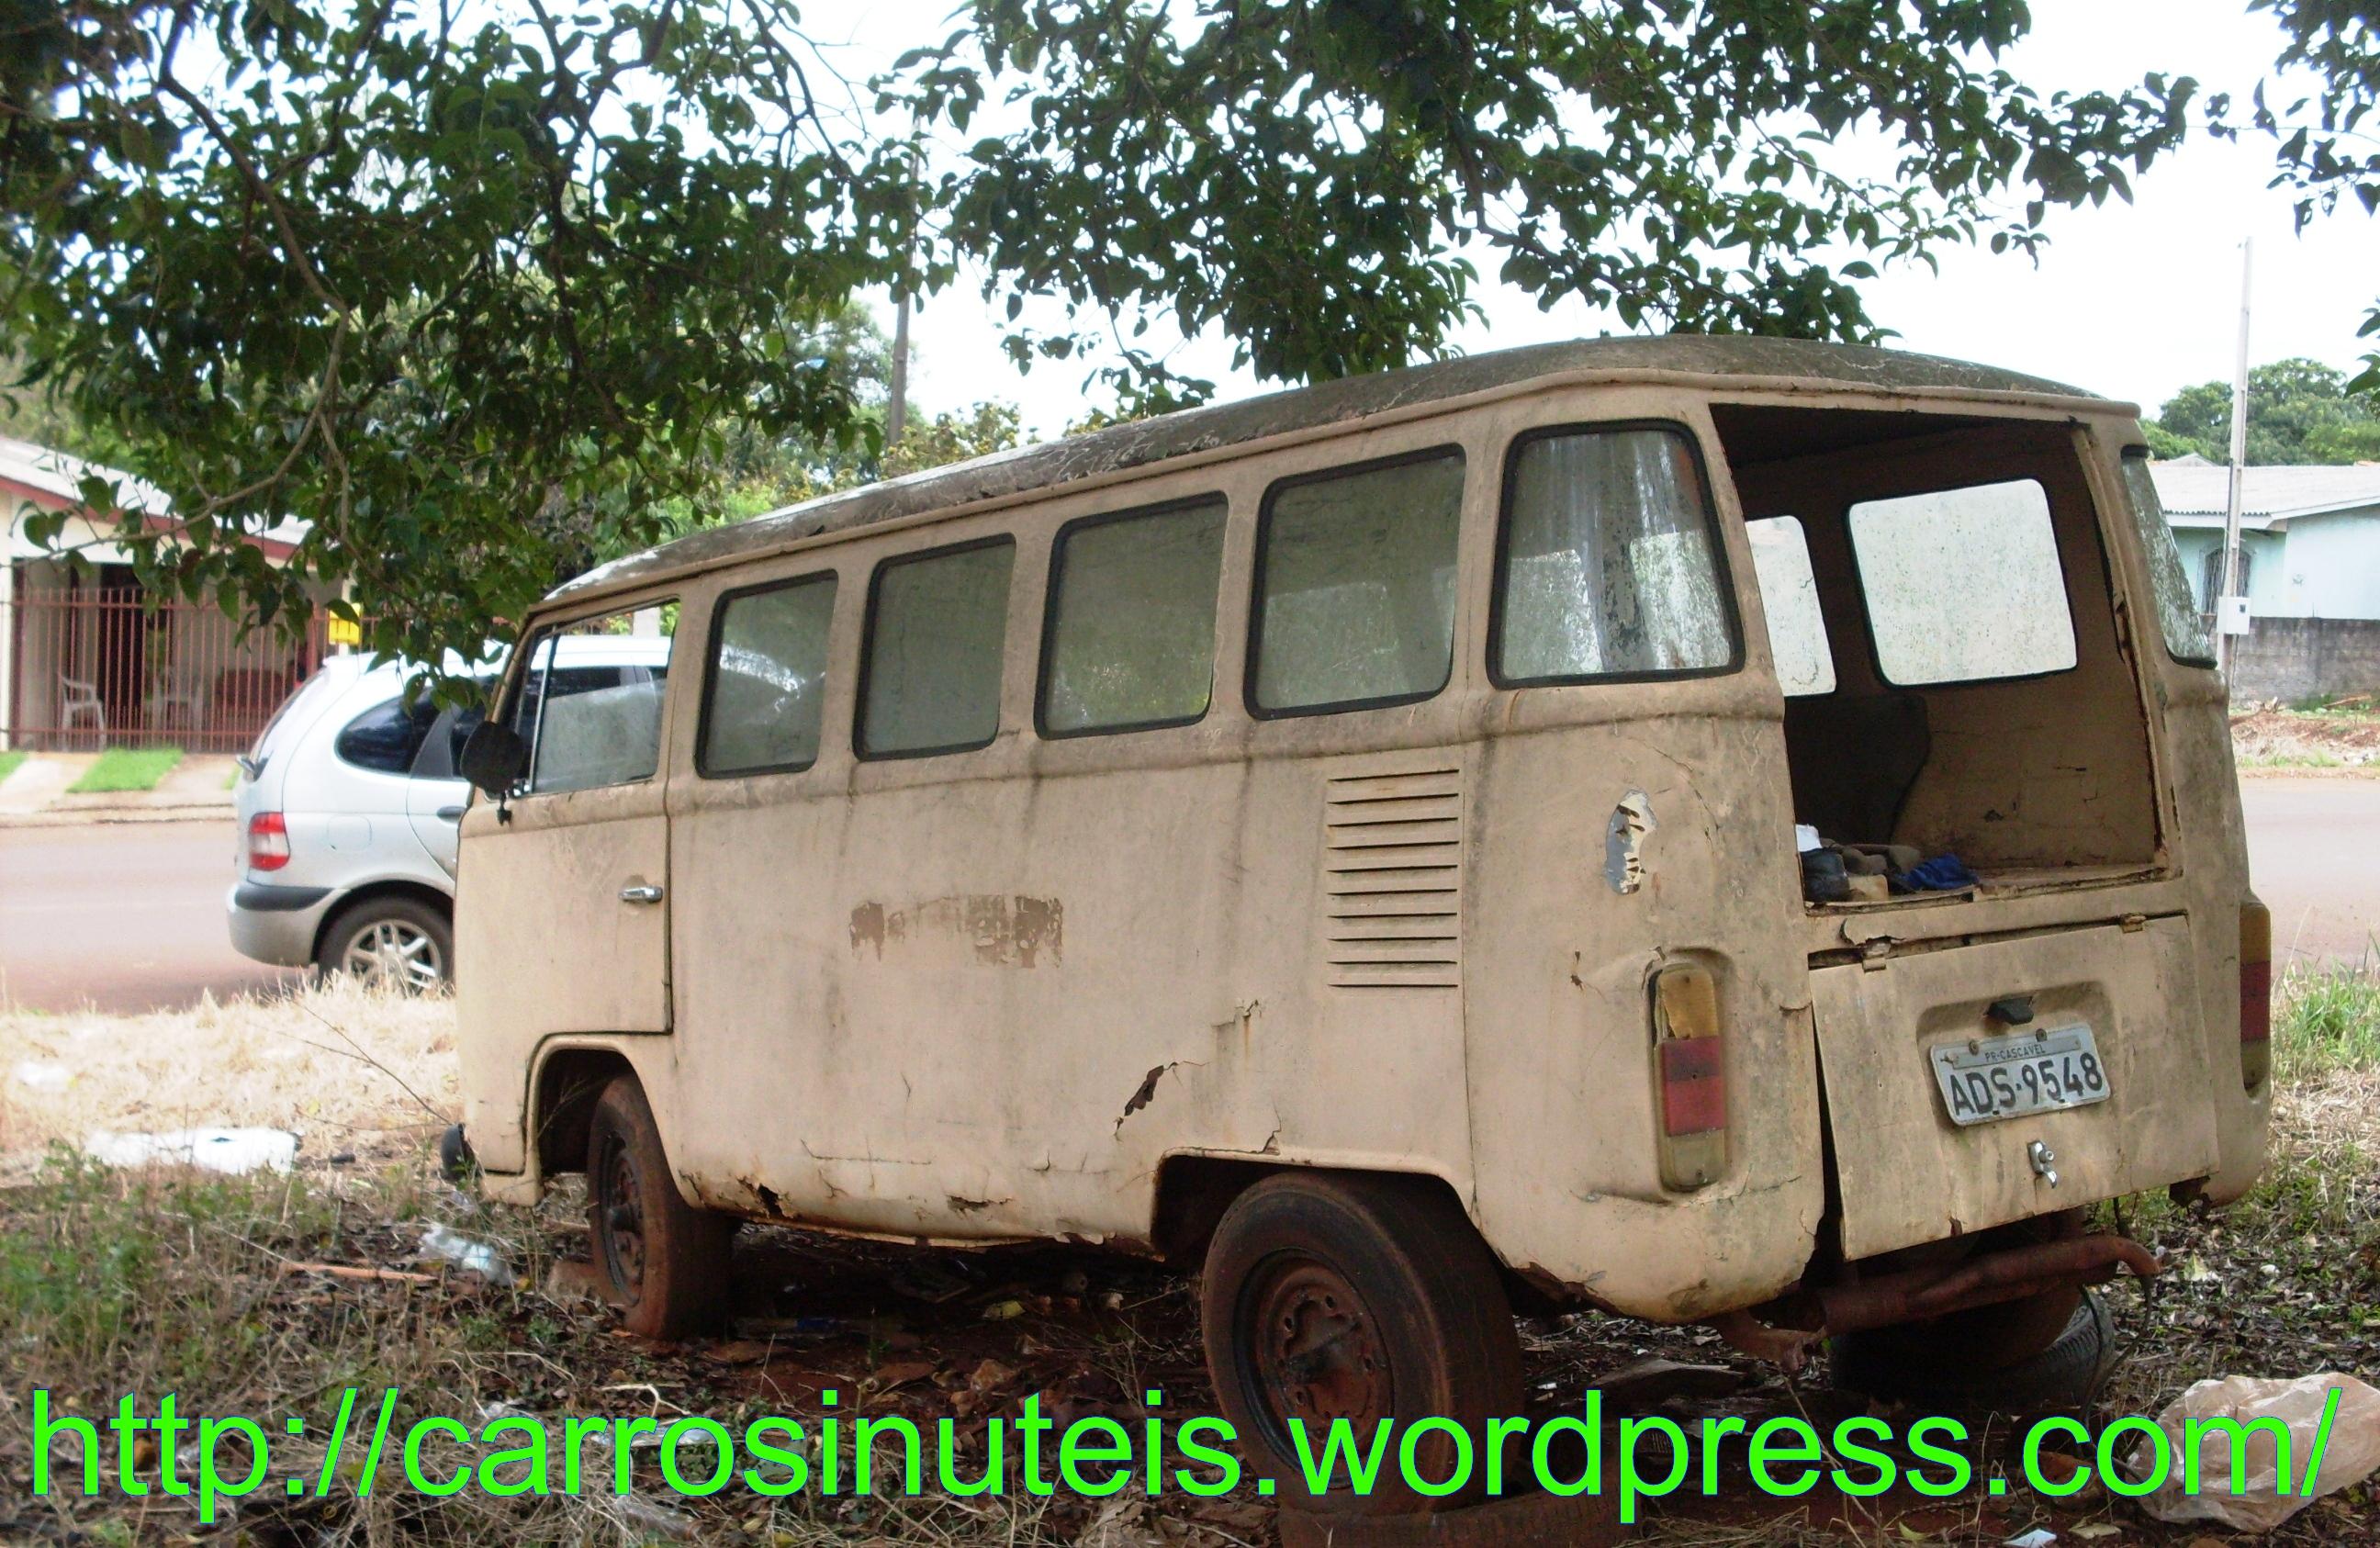 udambros-kombi-80-4 VW Kombi